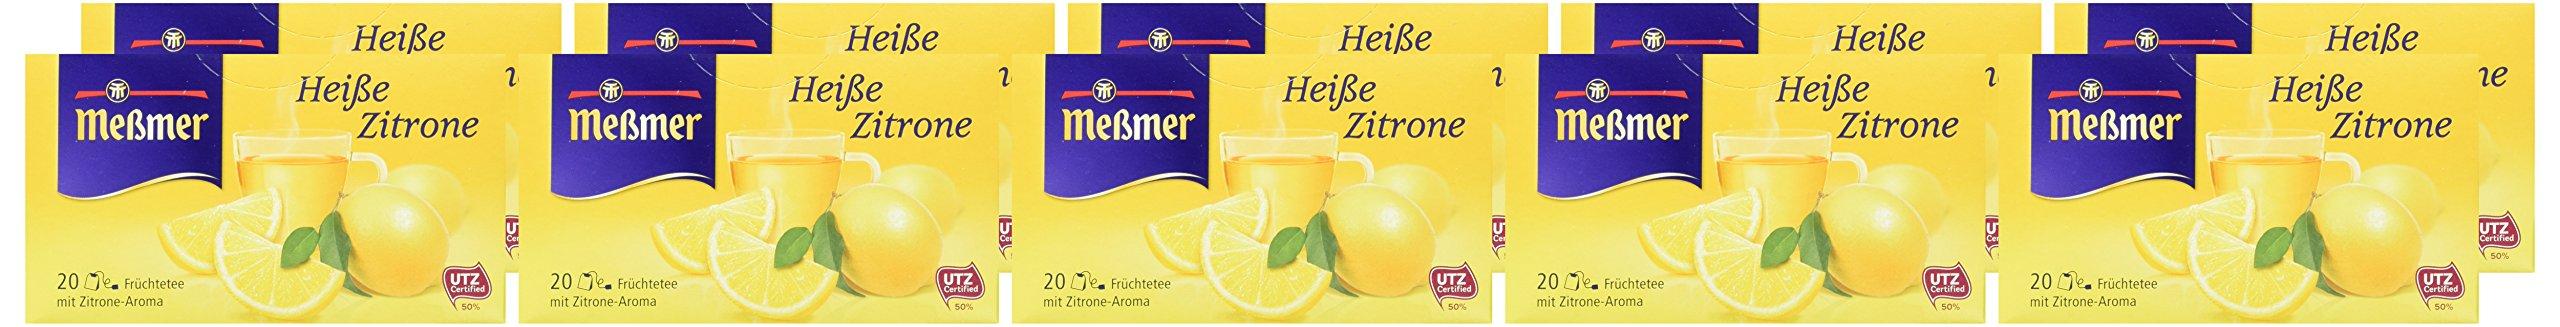 Memer-Heie-Zitrone-20-Beutel-10er-Pack-10-x-55-g